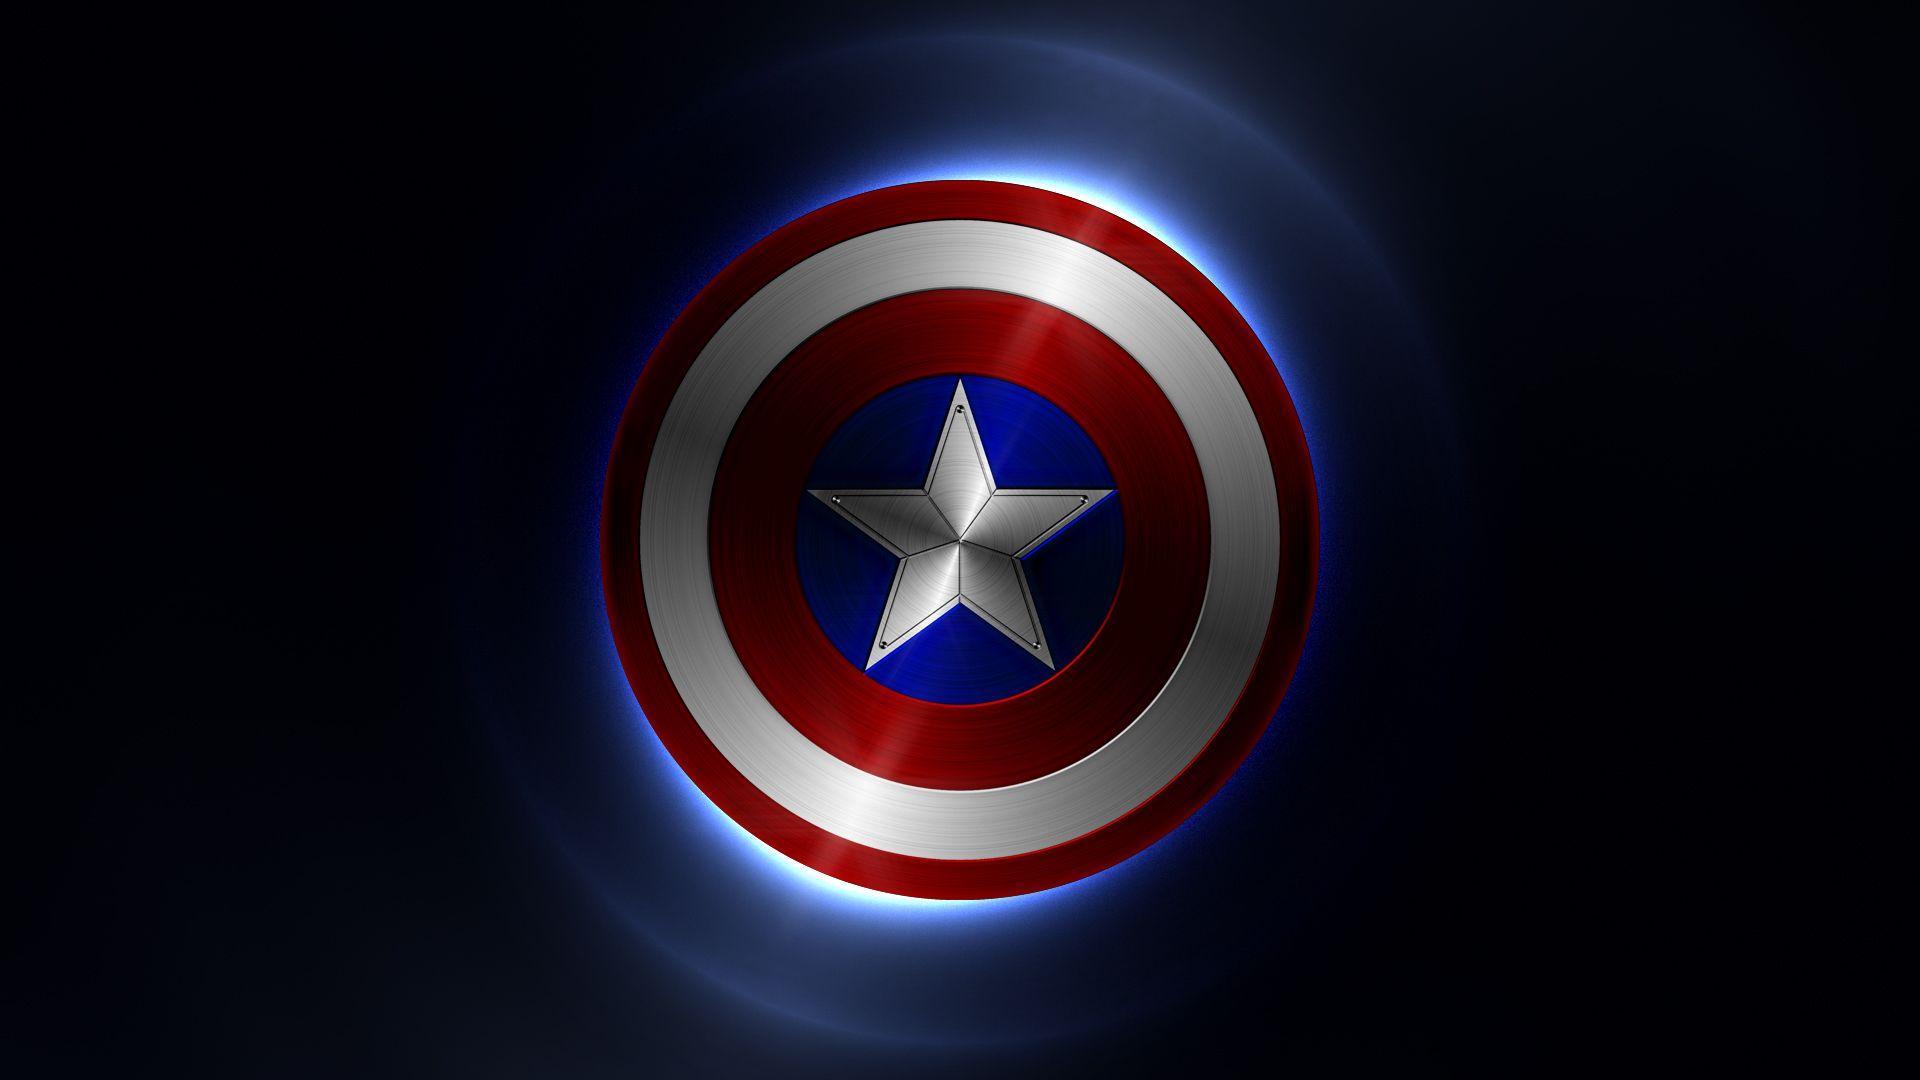 Captain America Logo Wallpaper - WallpaperSafari